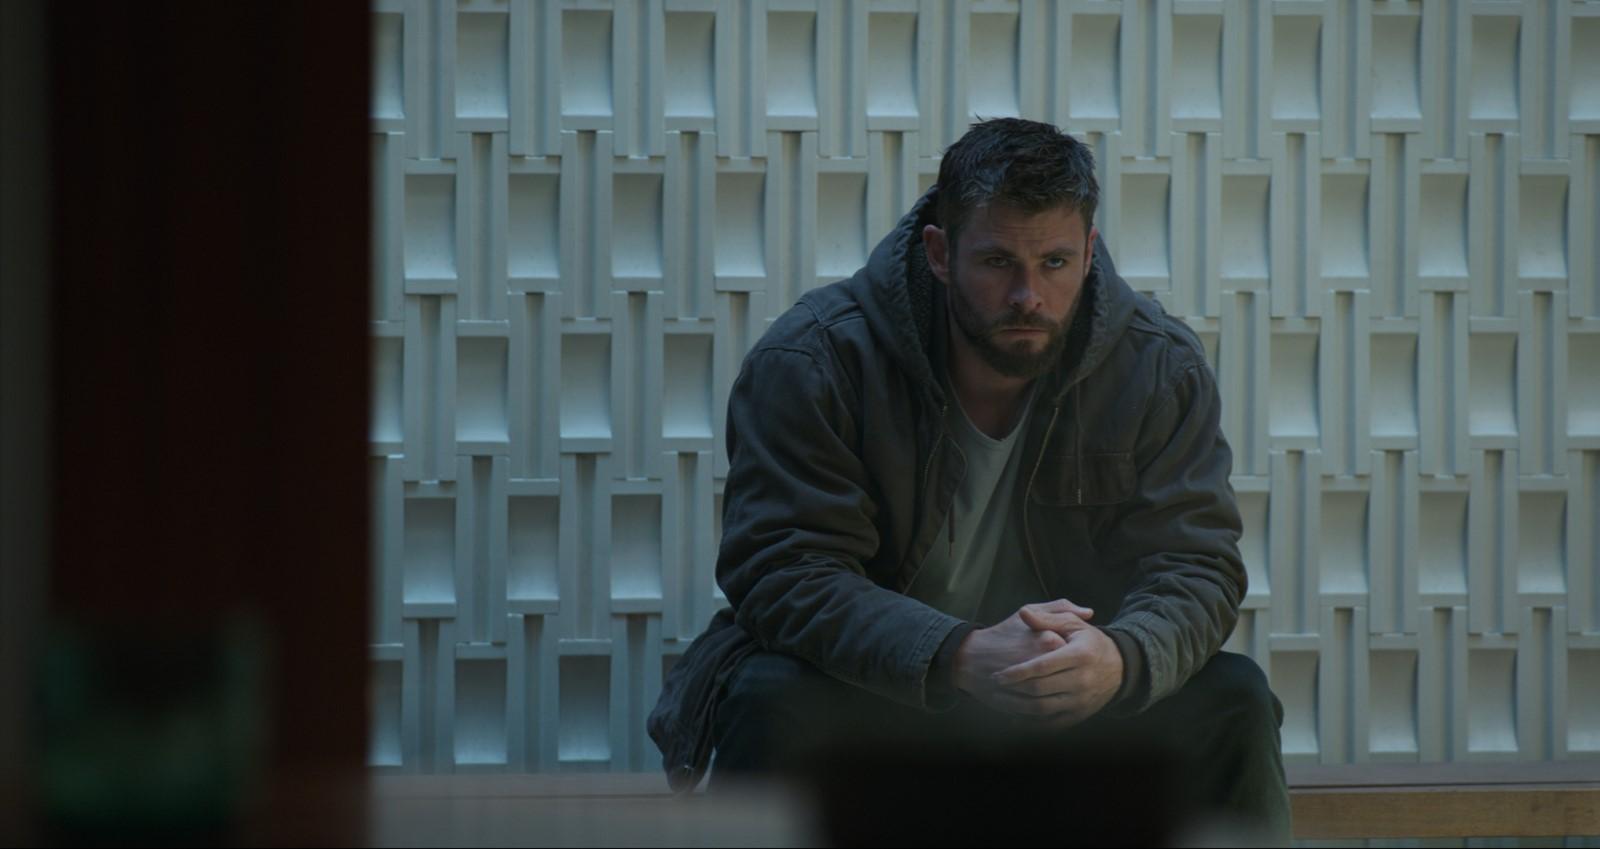 Avengers - Endgame (2019)